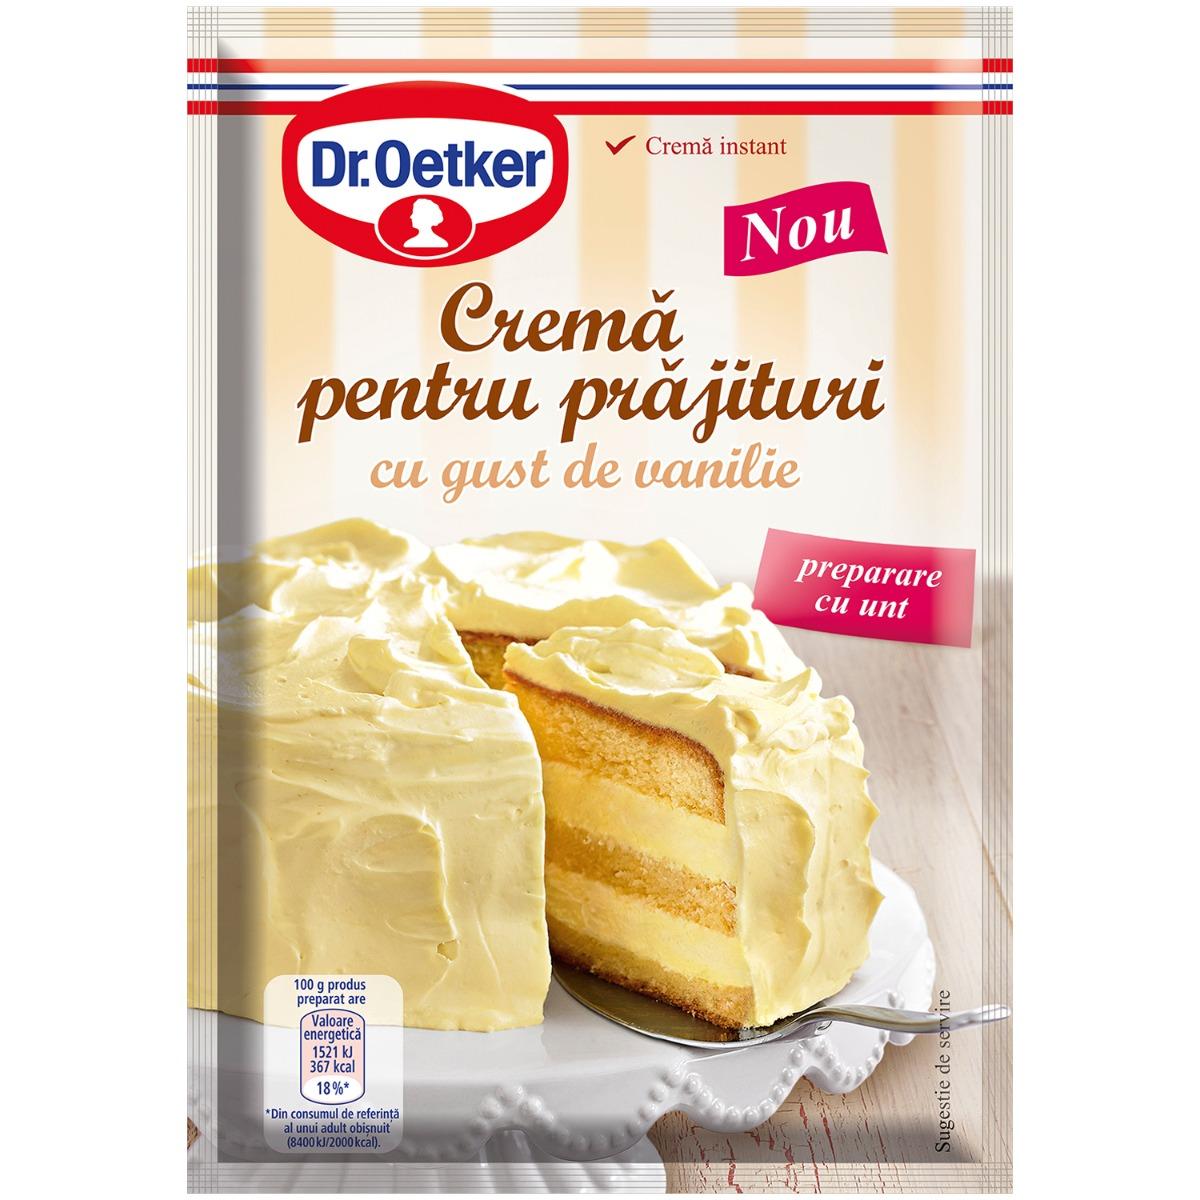 Crema pentru prajitura cu gust de vanilie Dr Oetker, 140 g imagine